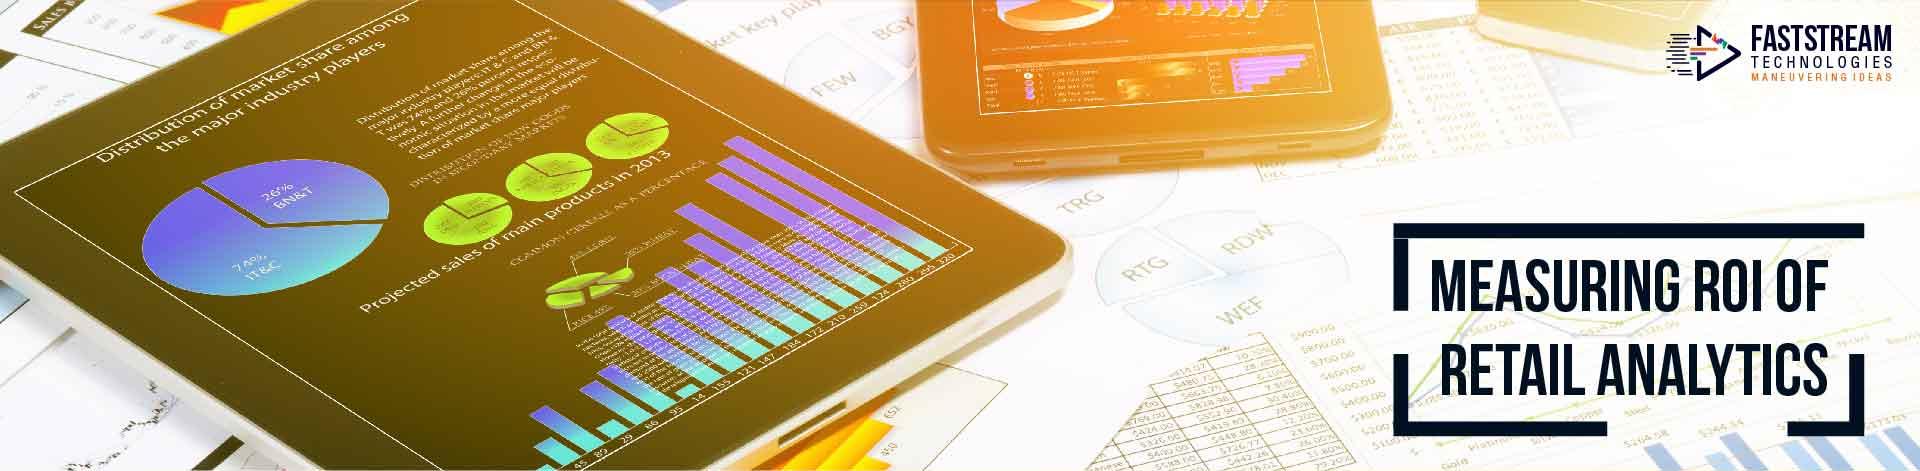 Measuring ROI of Retail Analytics